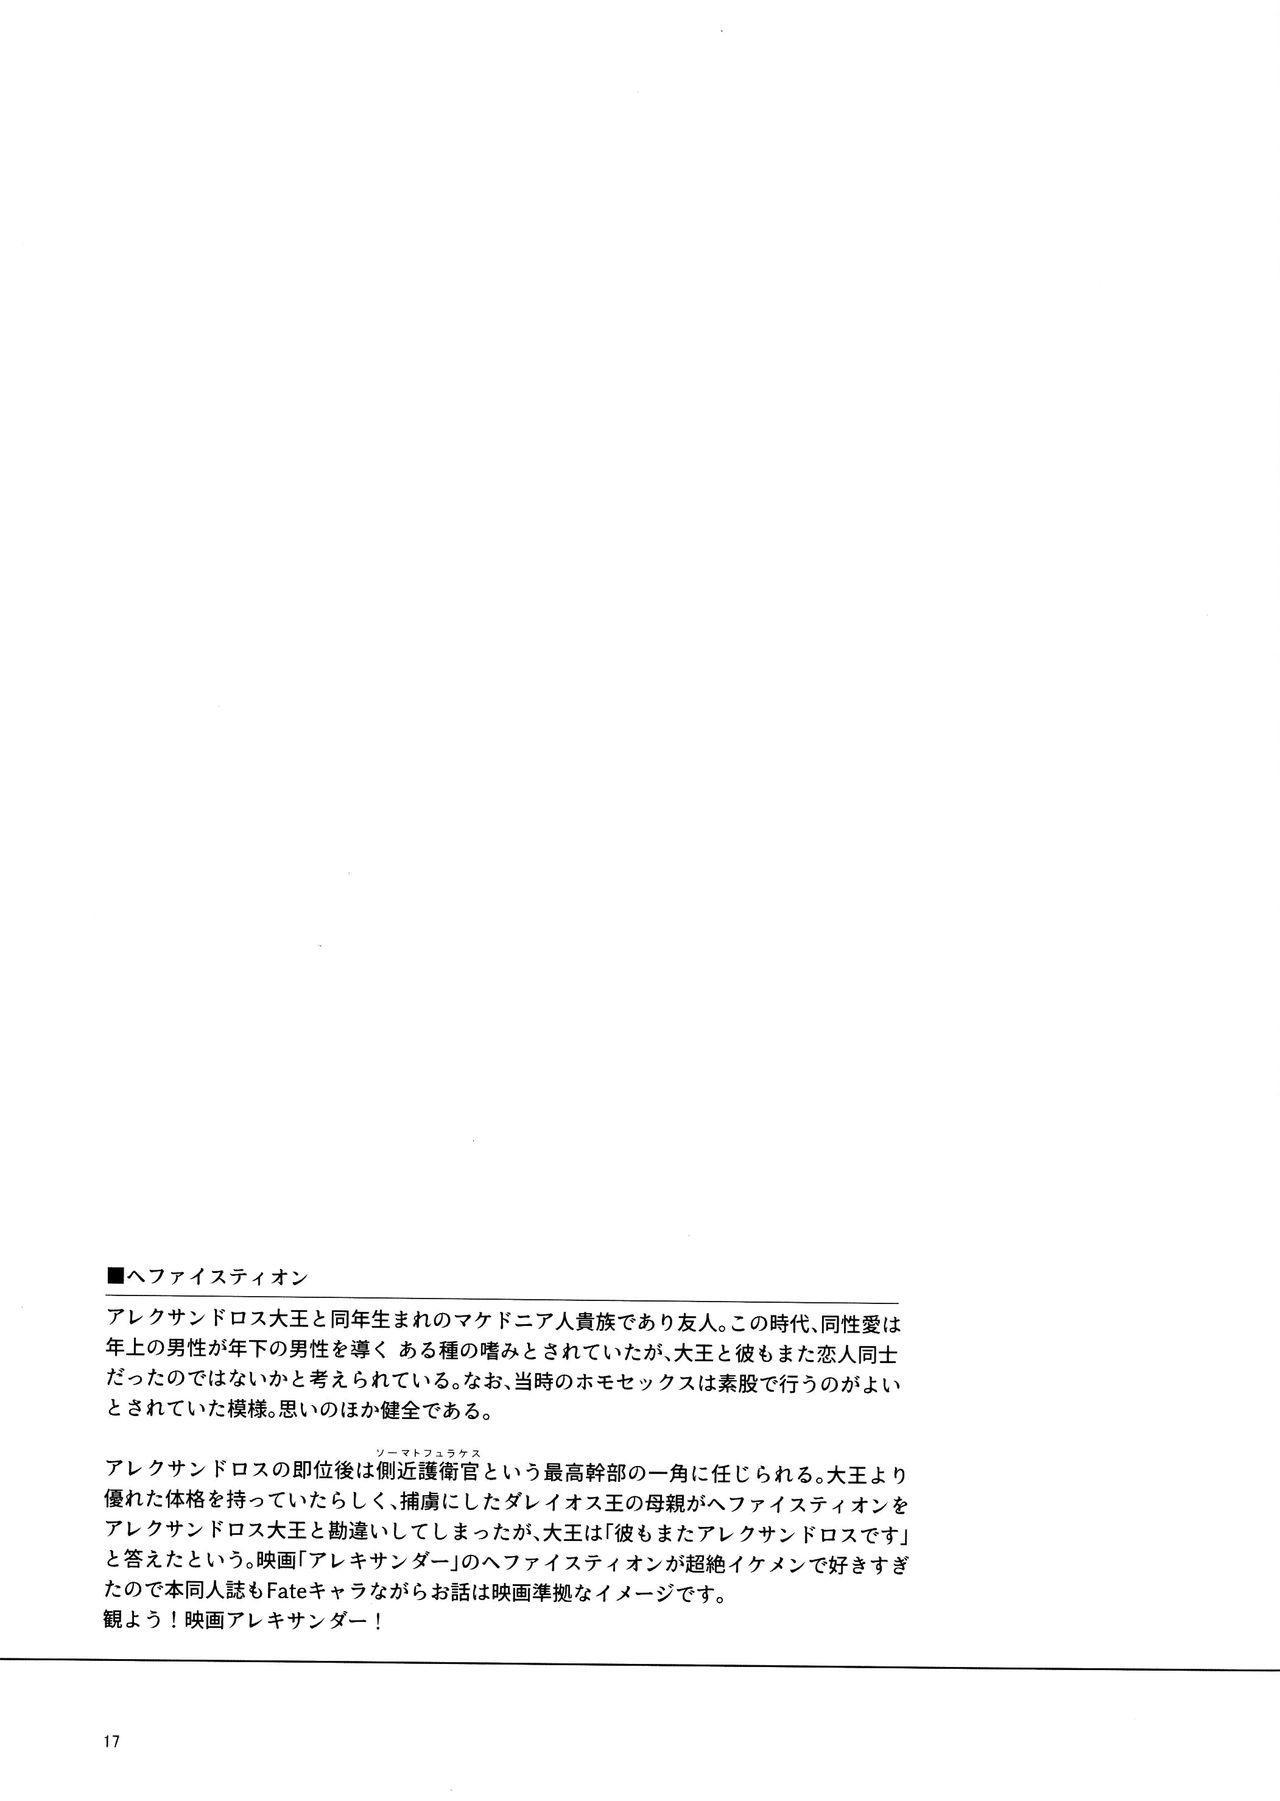 Boku no Rival 16